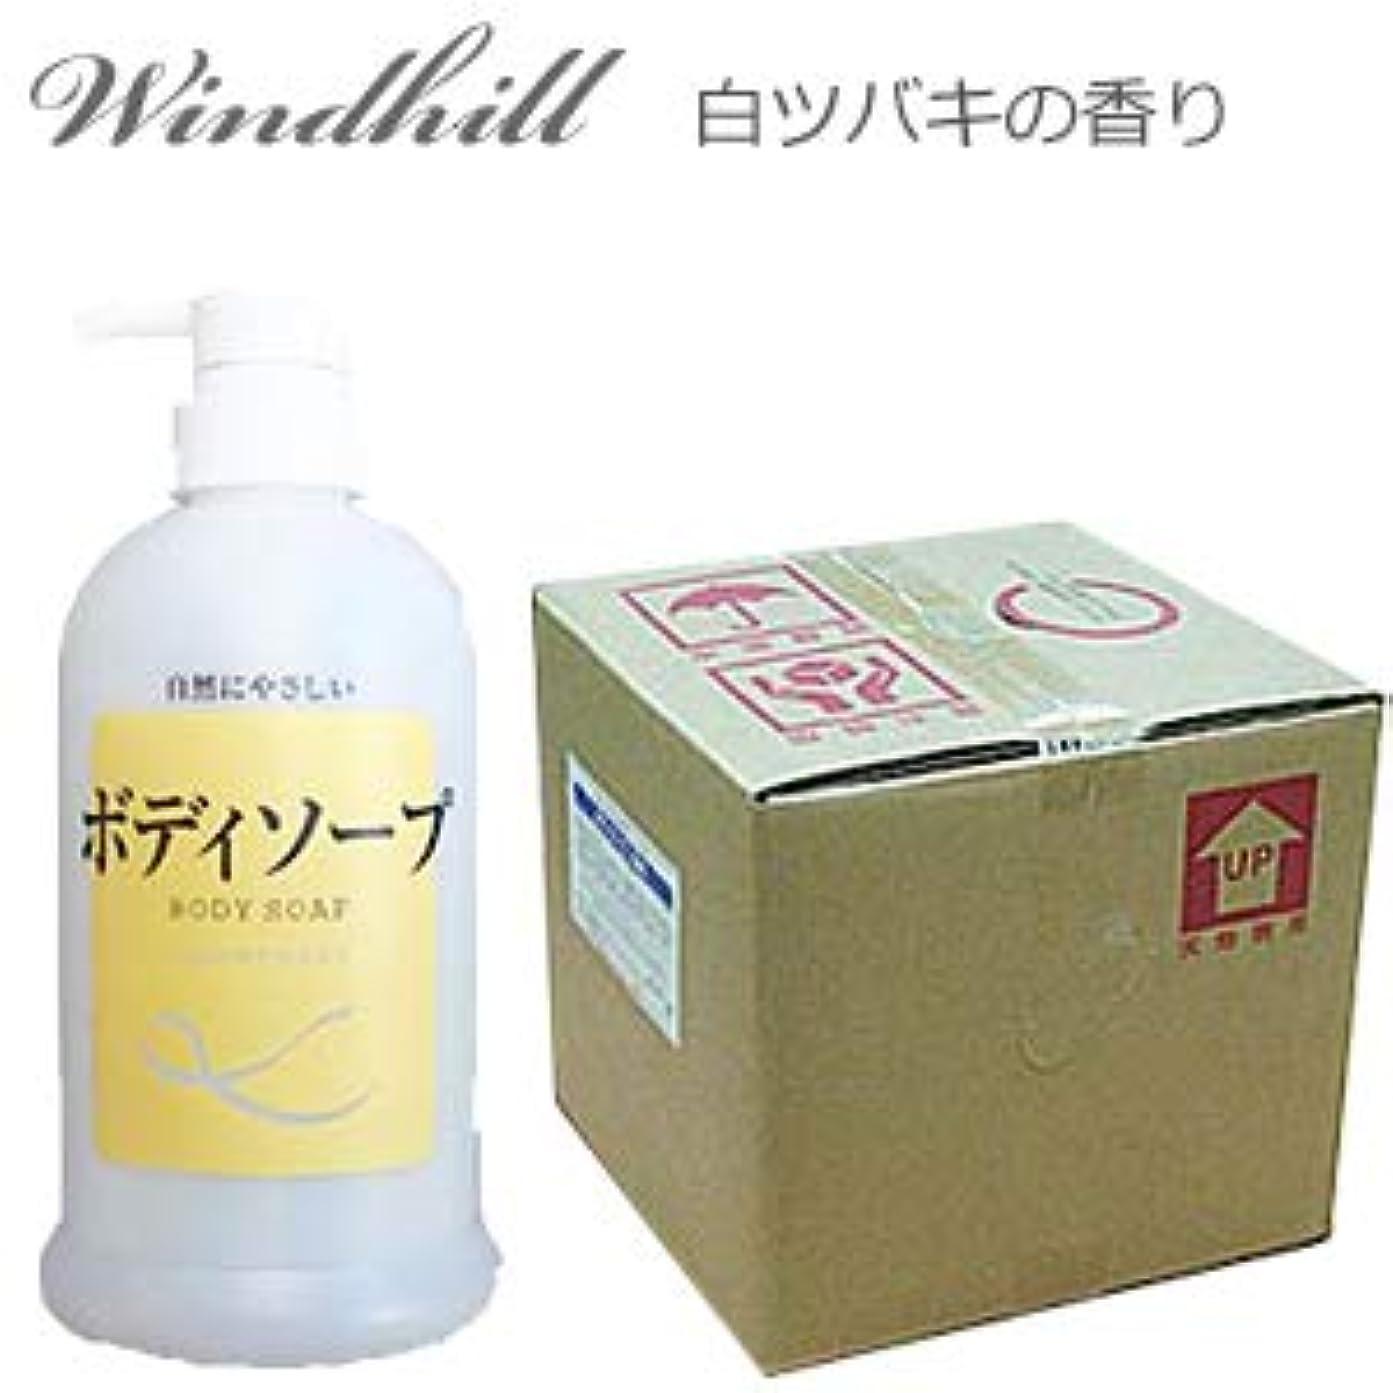 祈りクリスチャン着るなんと! 500ml当り175円 Windhill 植物性 業務用 ボディソープ  白ツバキの香り 20L